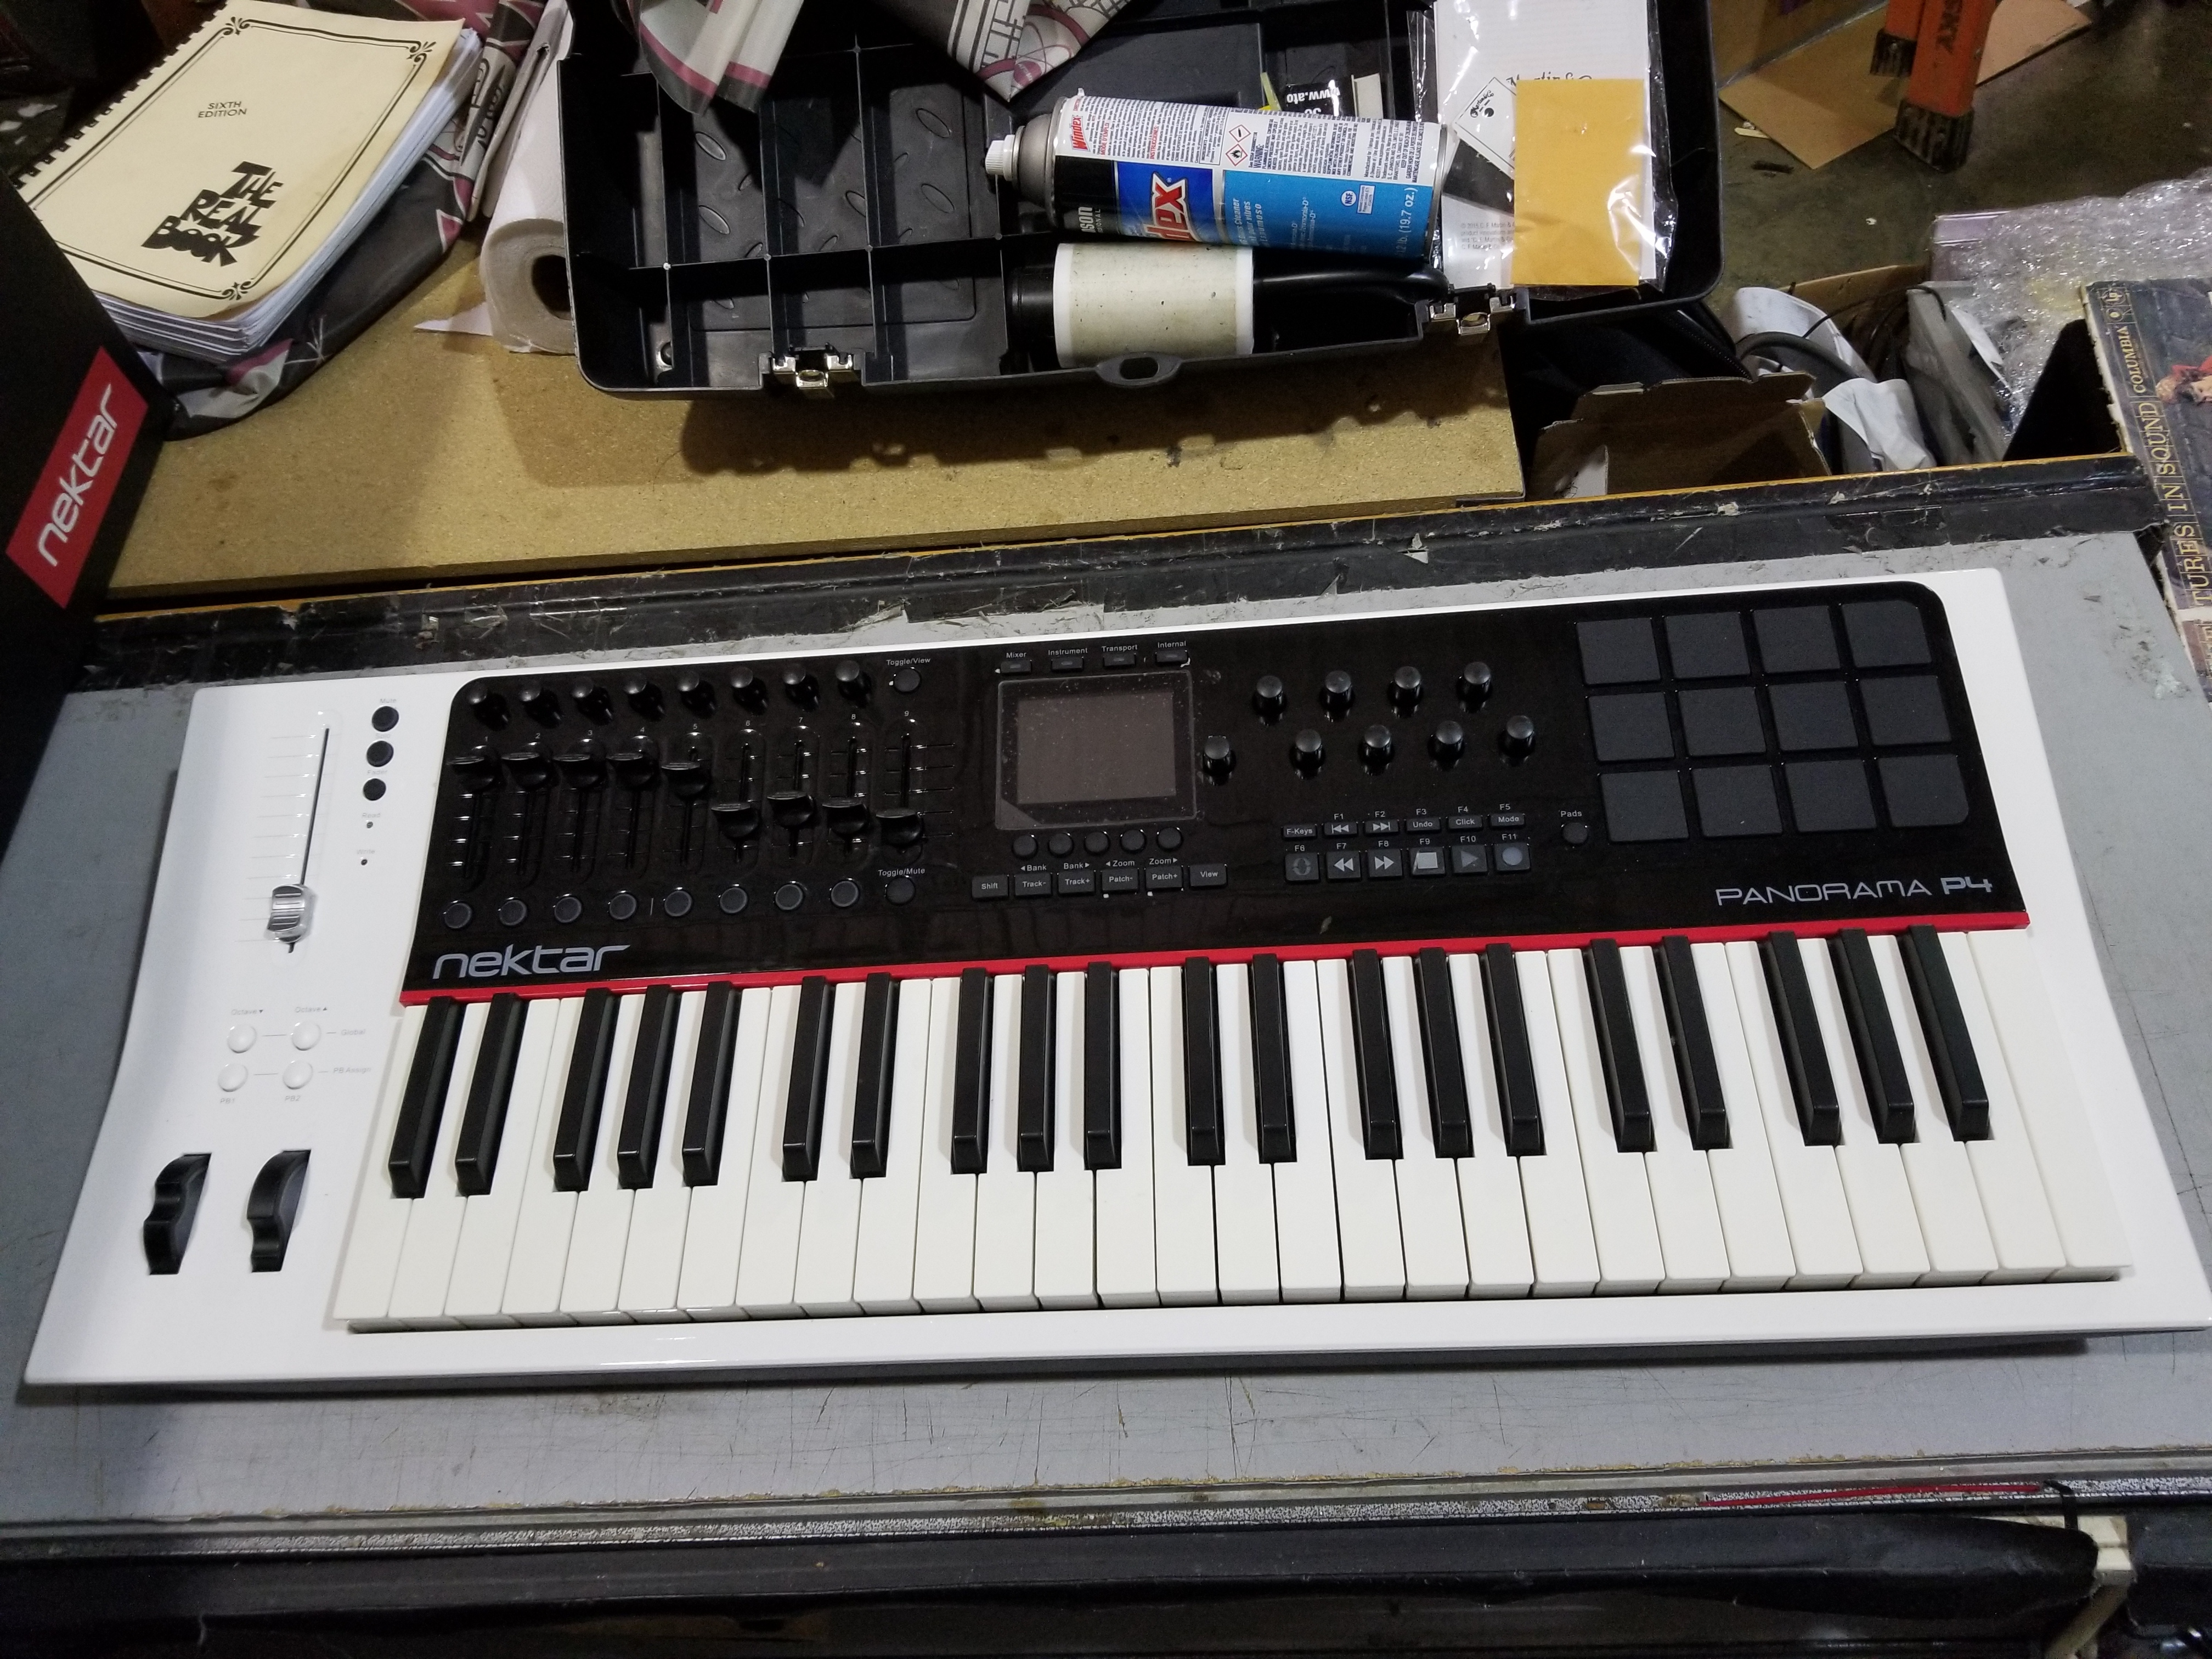 NEKTAR Panorama P4 49-key Keyboard Controller